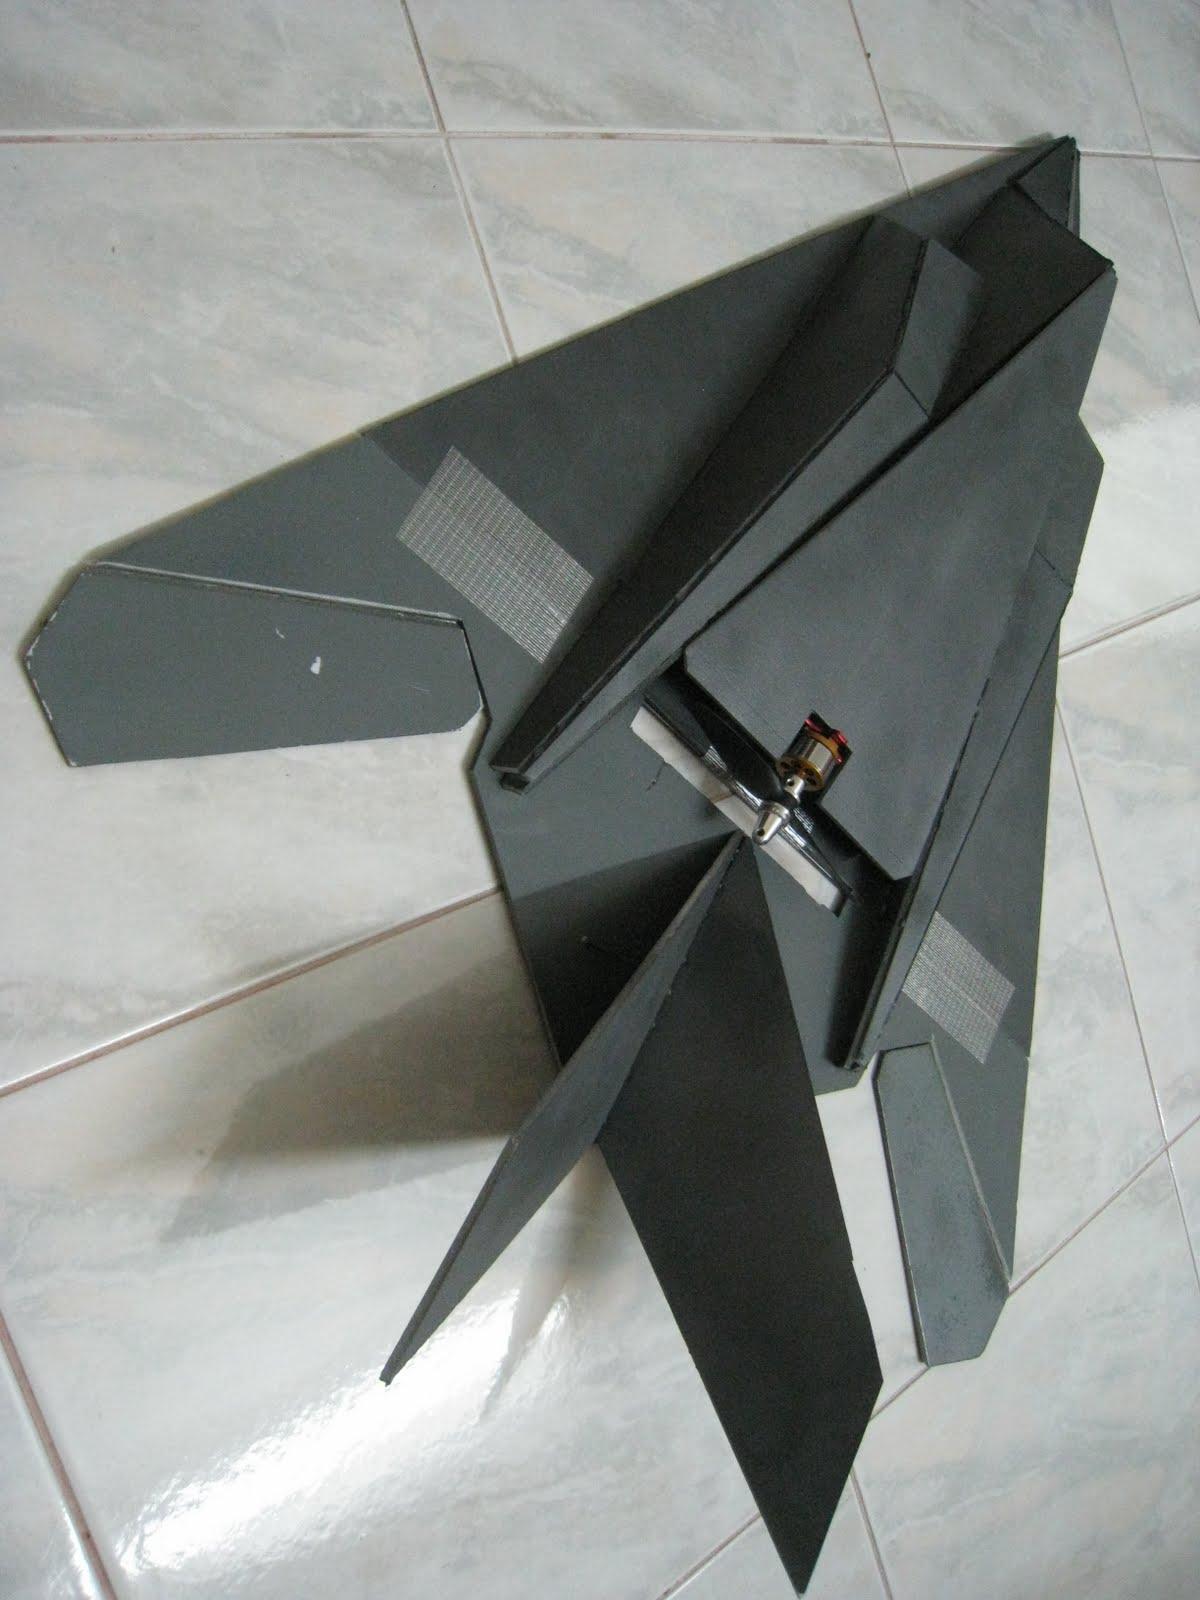 Newly Blogged: DIY Depron Stealth F117